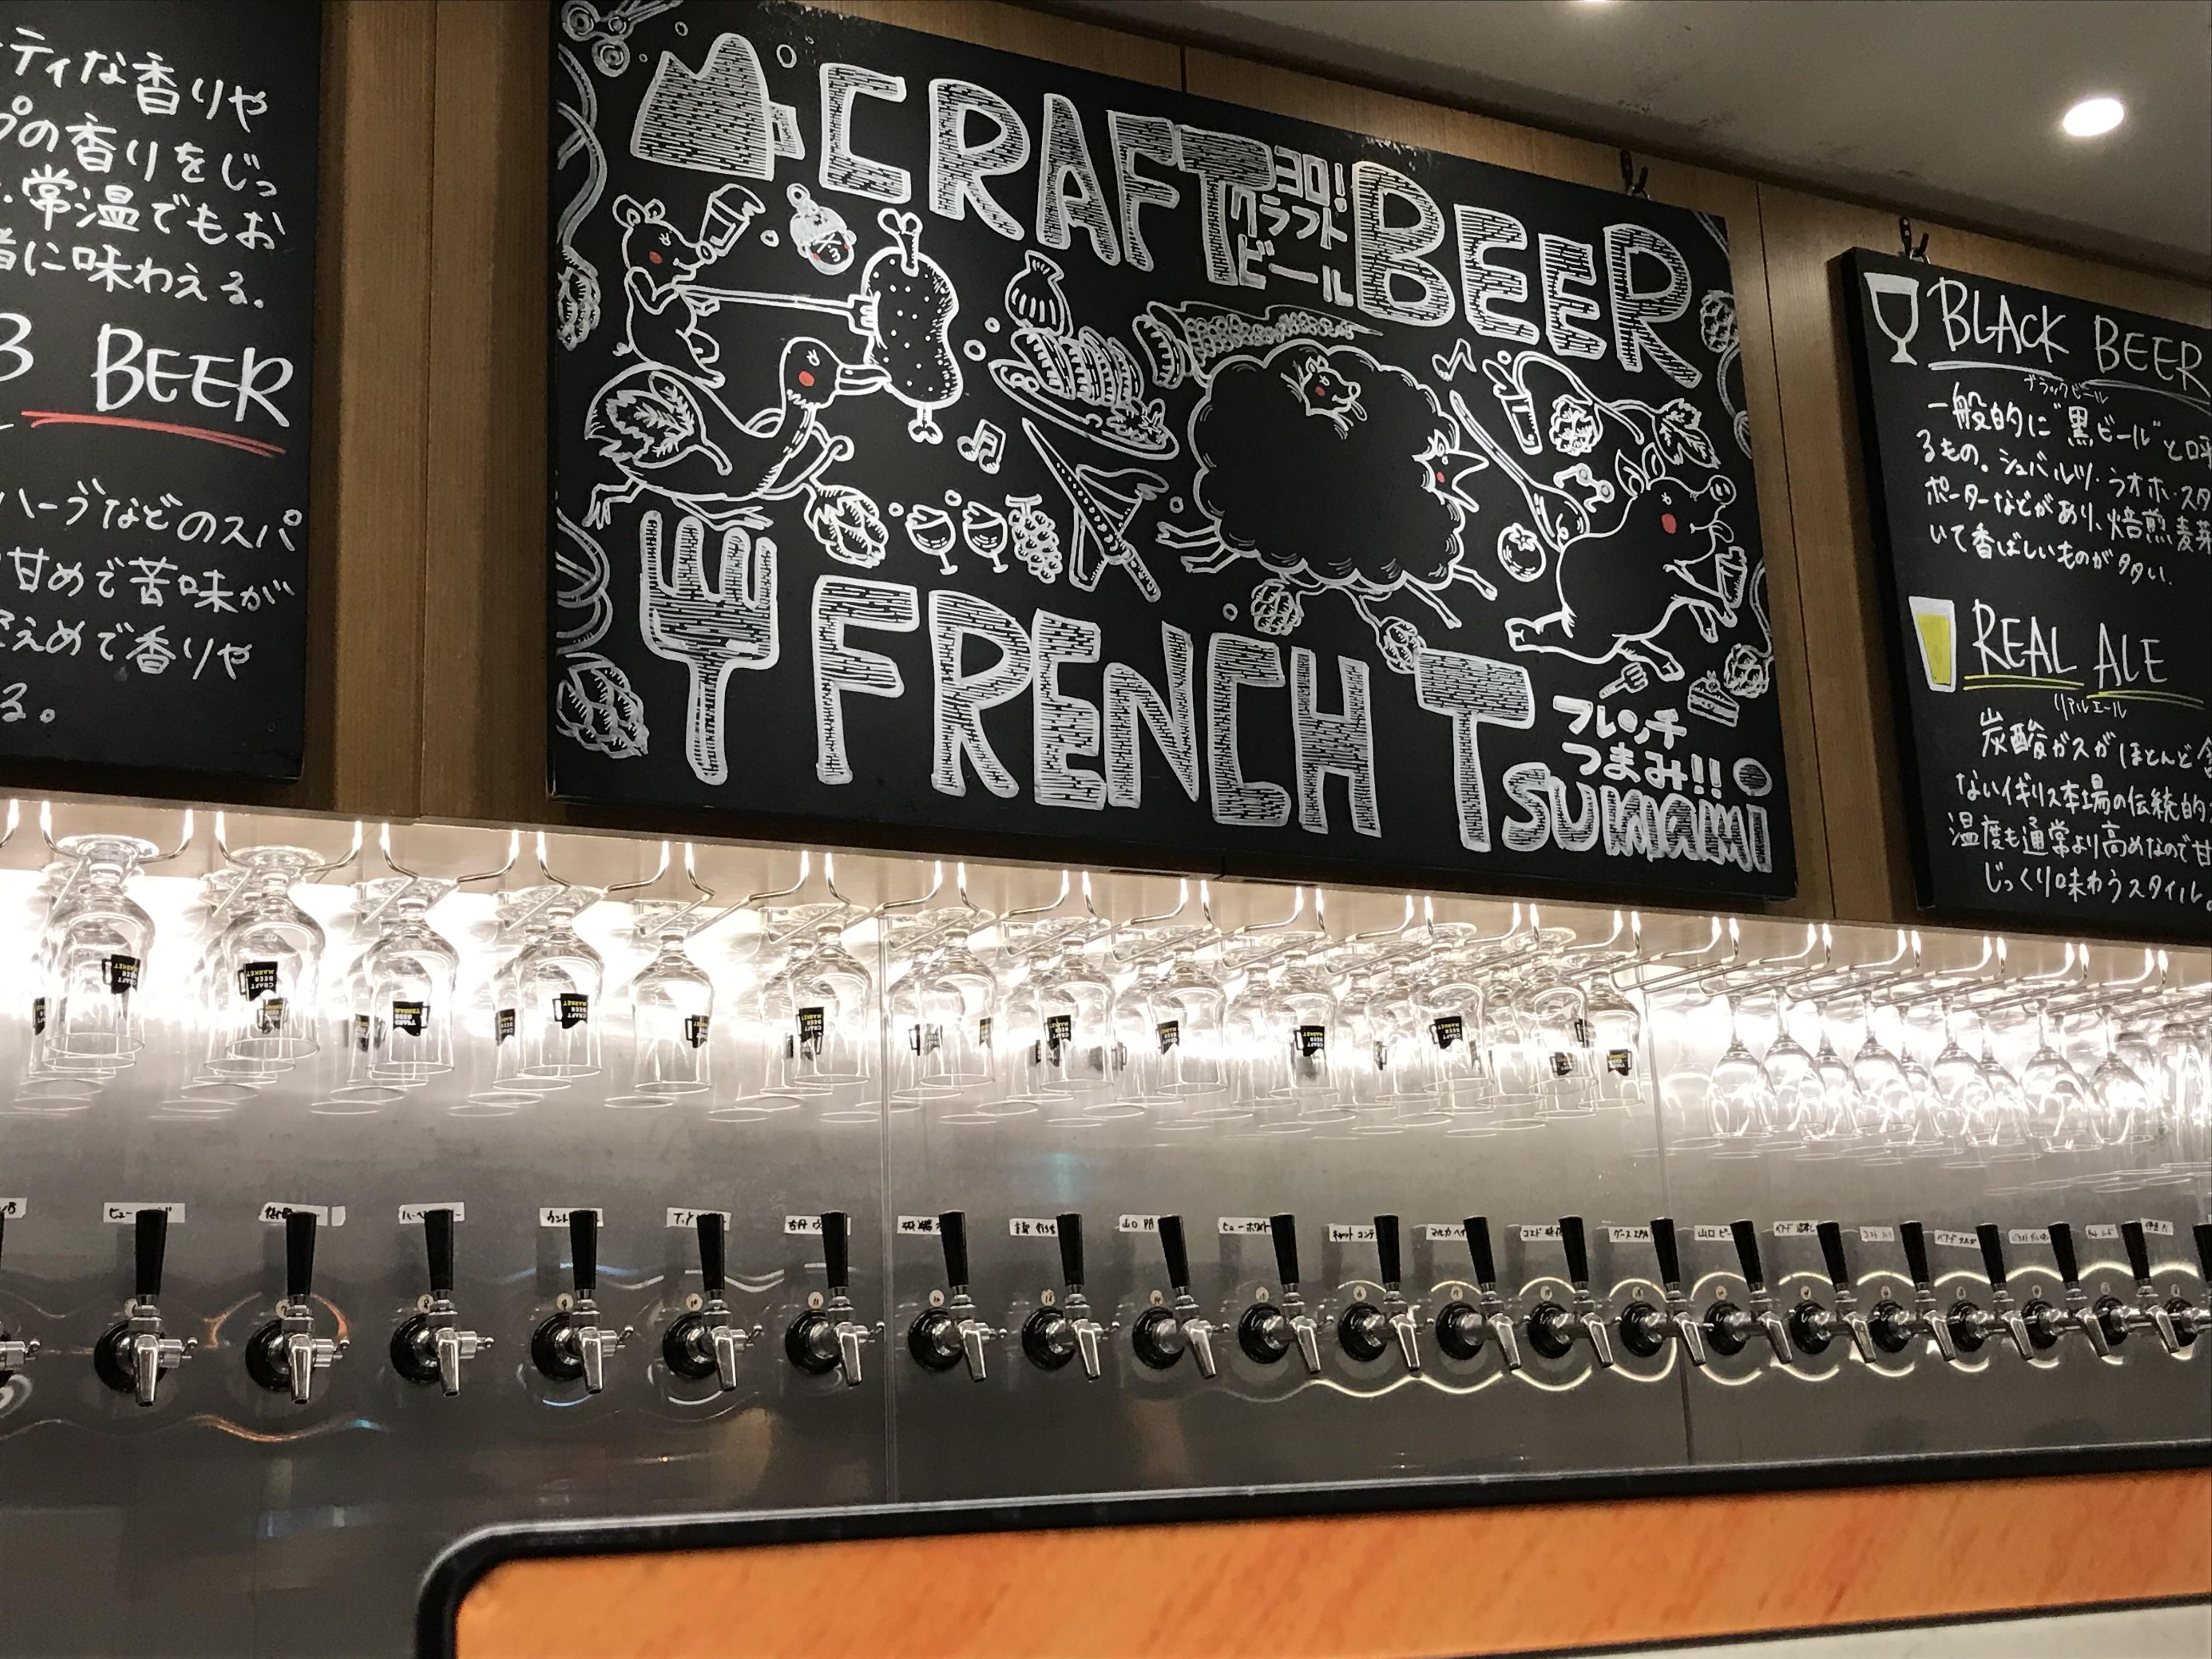 craftbeer-beerserver2